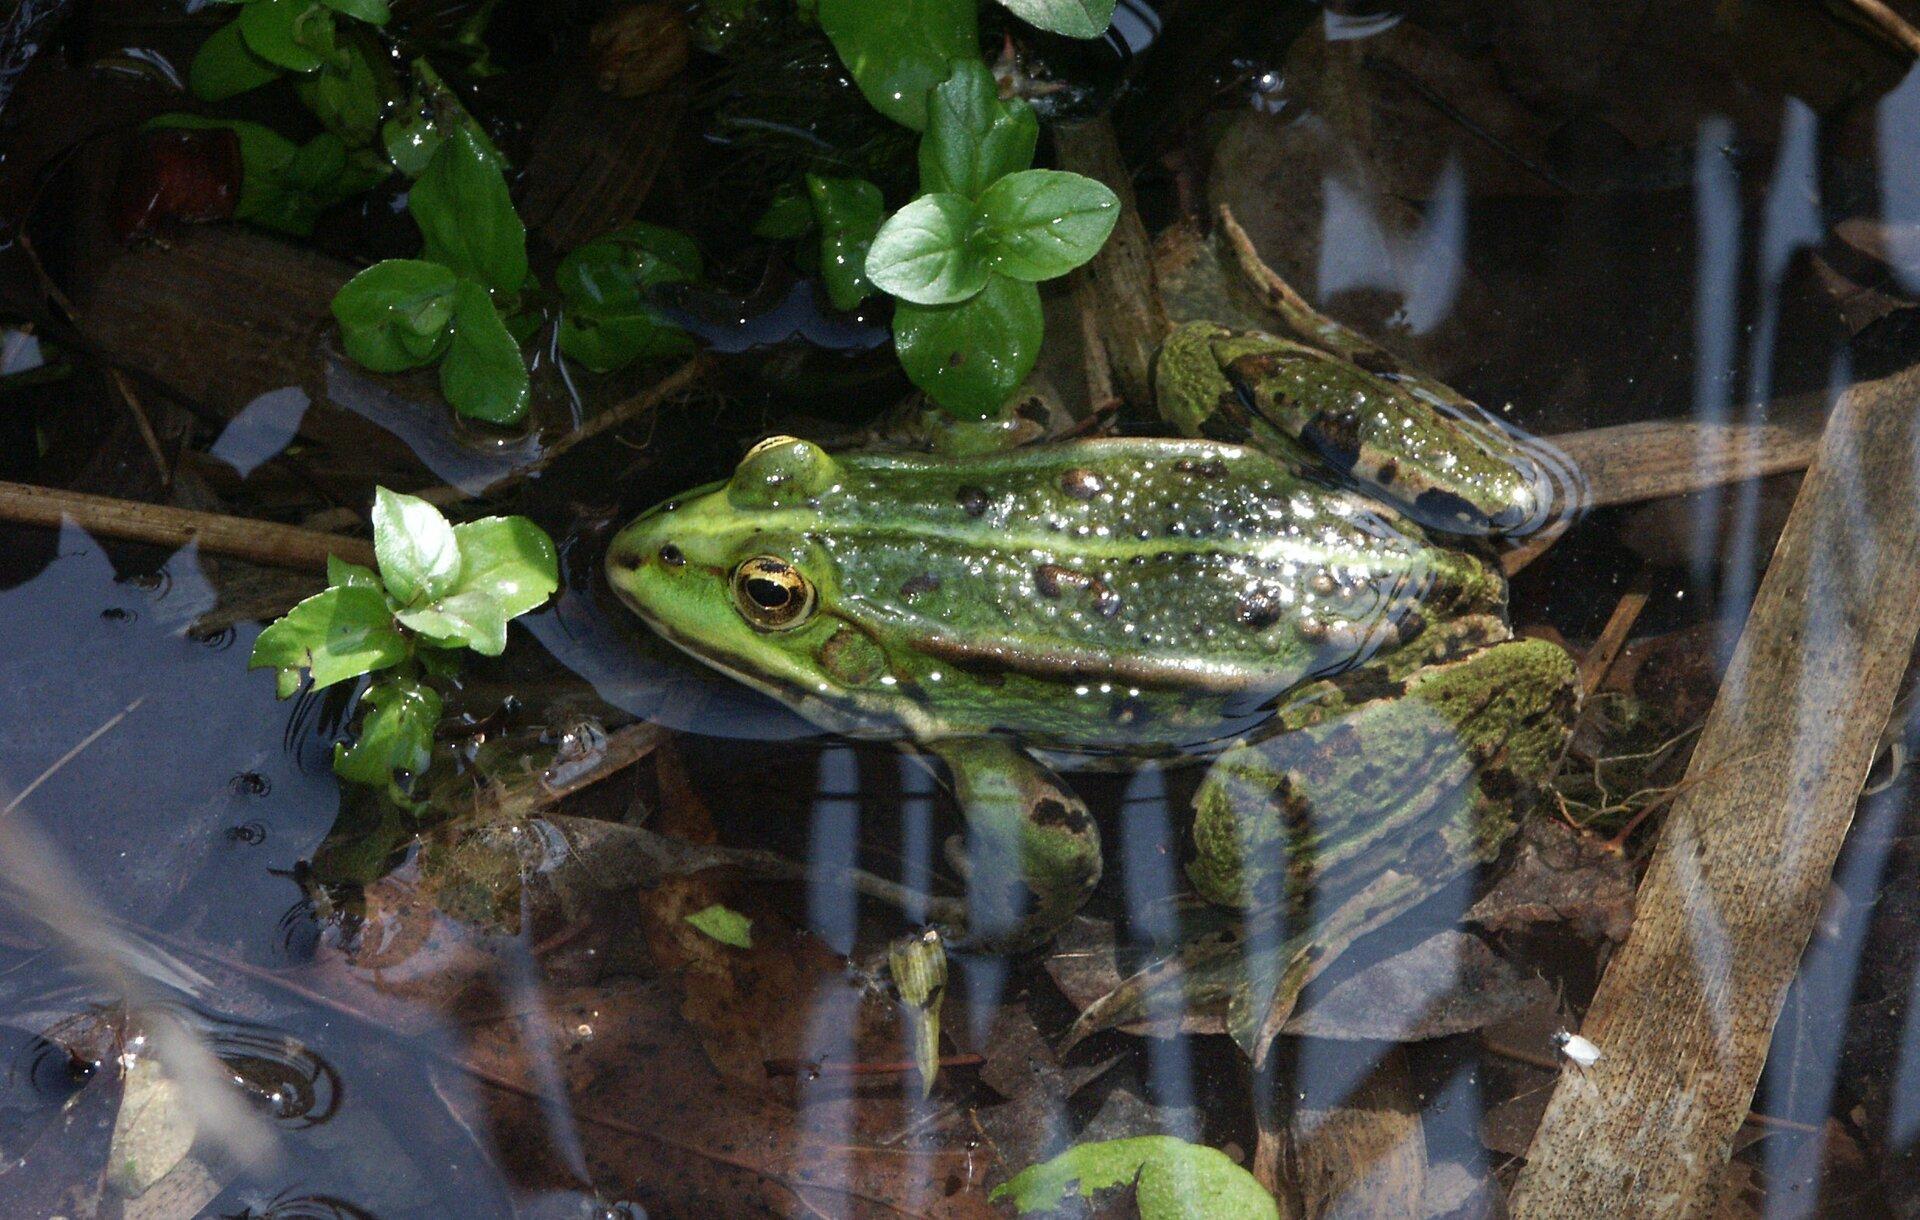 Żaba pływająca po powierzchni wody. Ciało jest krótkie, barwy zielonej zjasnym pasem wzdłuż grzbietu. Przednie kończyny są krótkie. Tylne kończyny długie, zdługimi palcami, pomiędzy którymi rozpięta jest błona ułatwiająca pływanie.